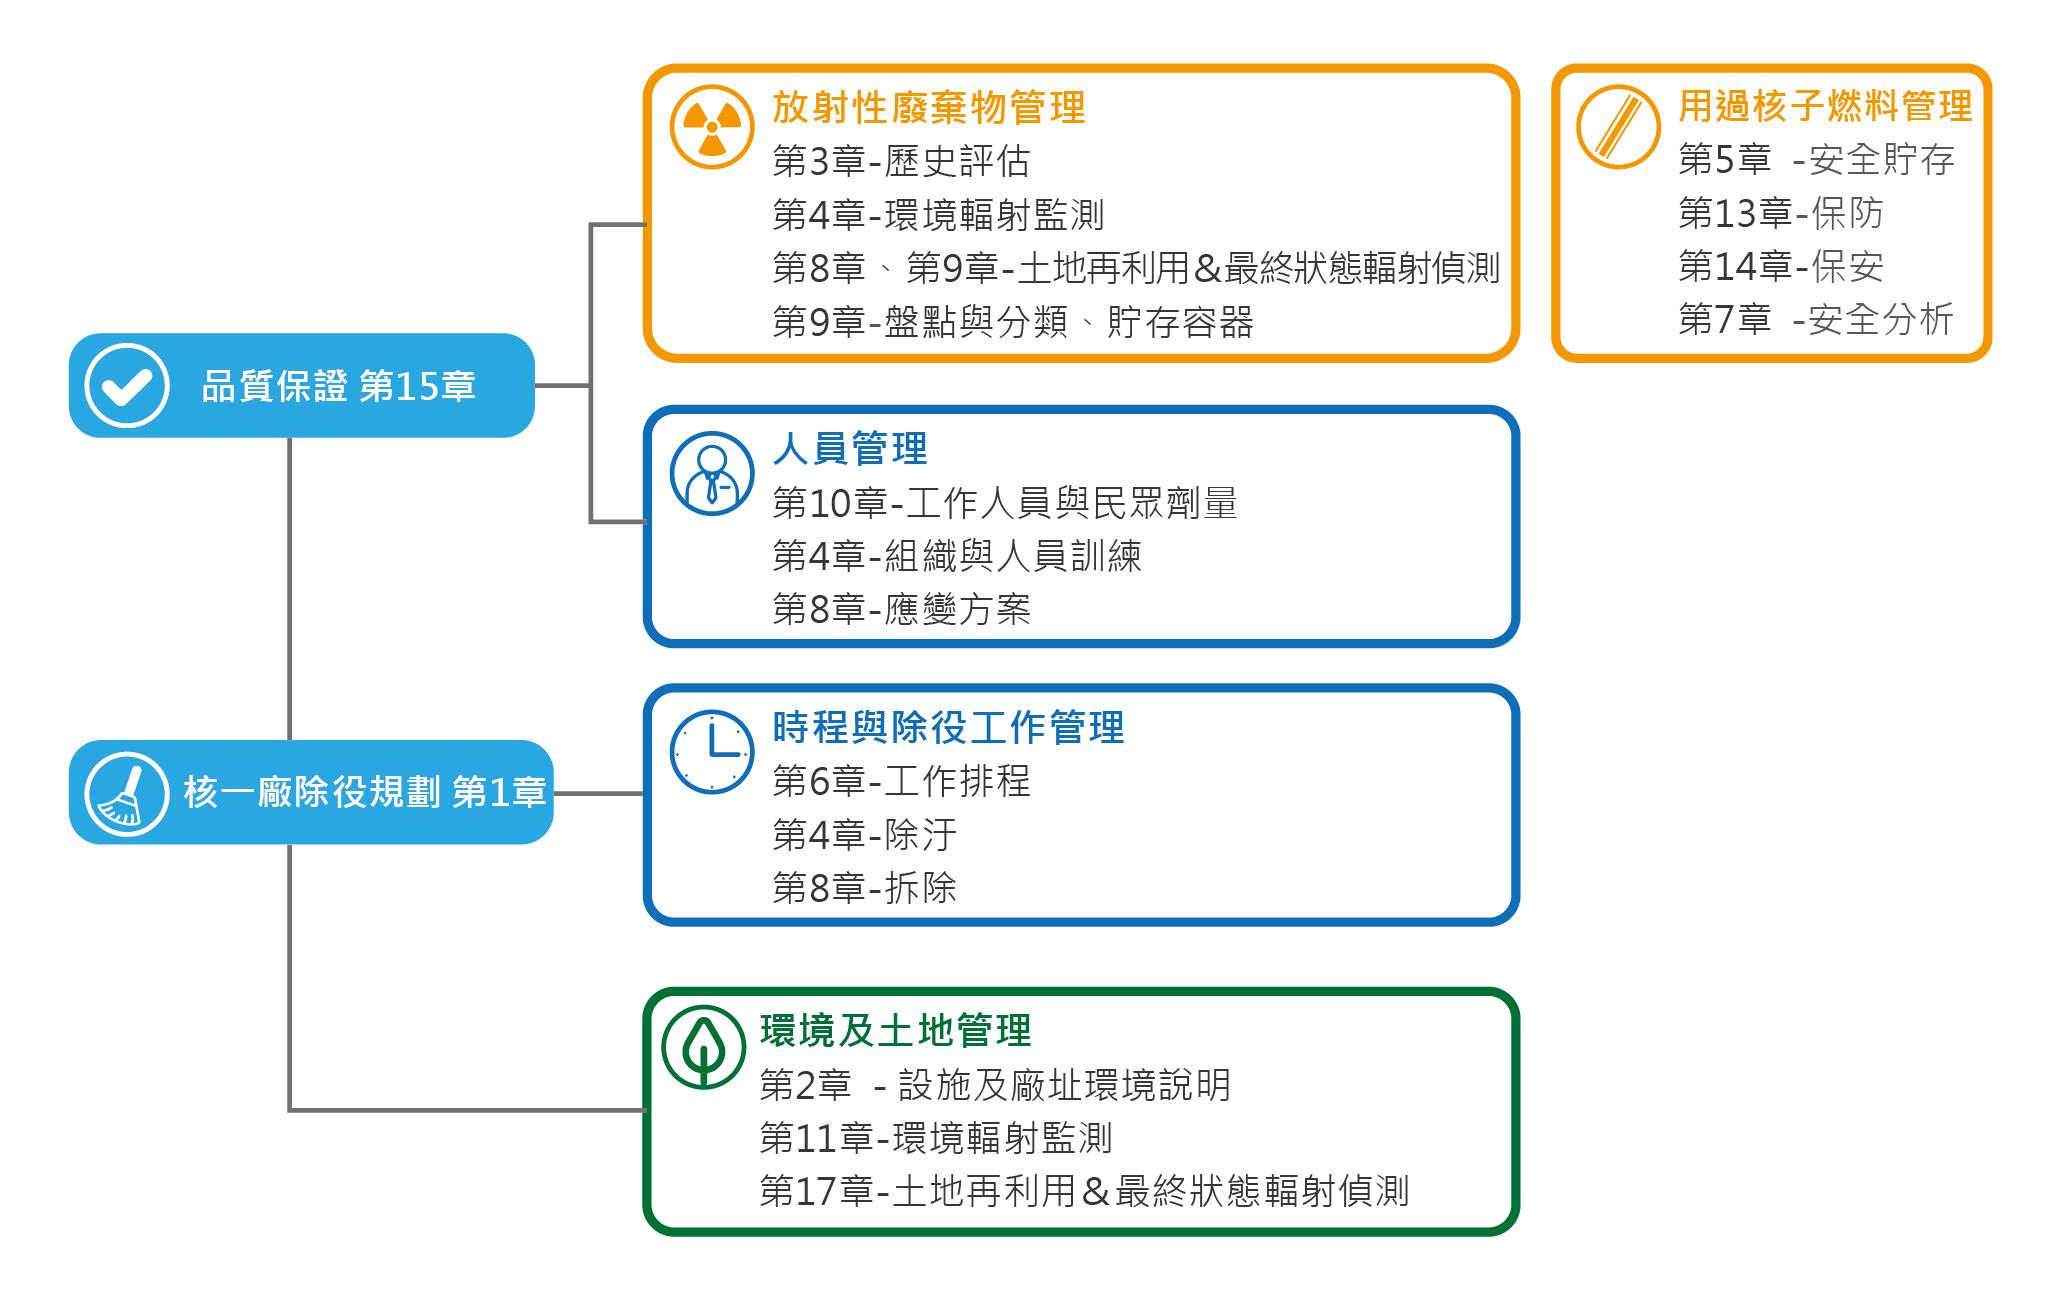 核一廠-除役計畫總項目圖